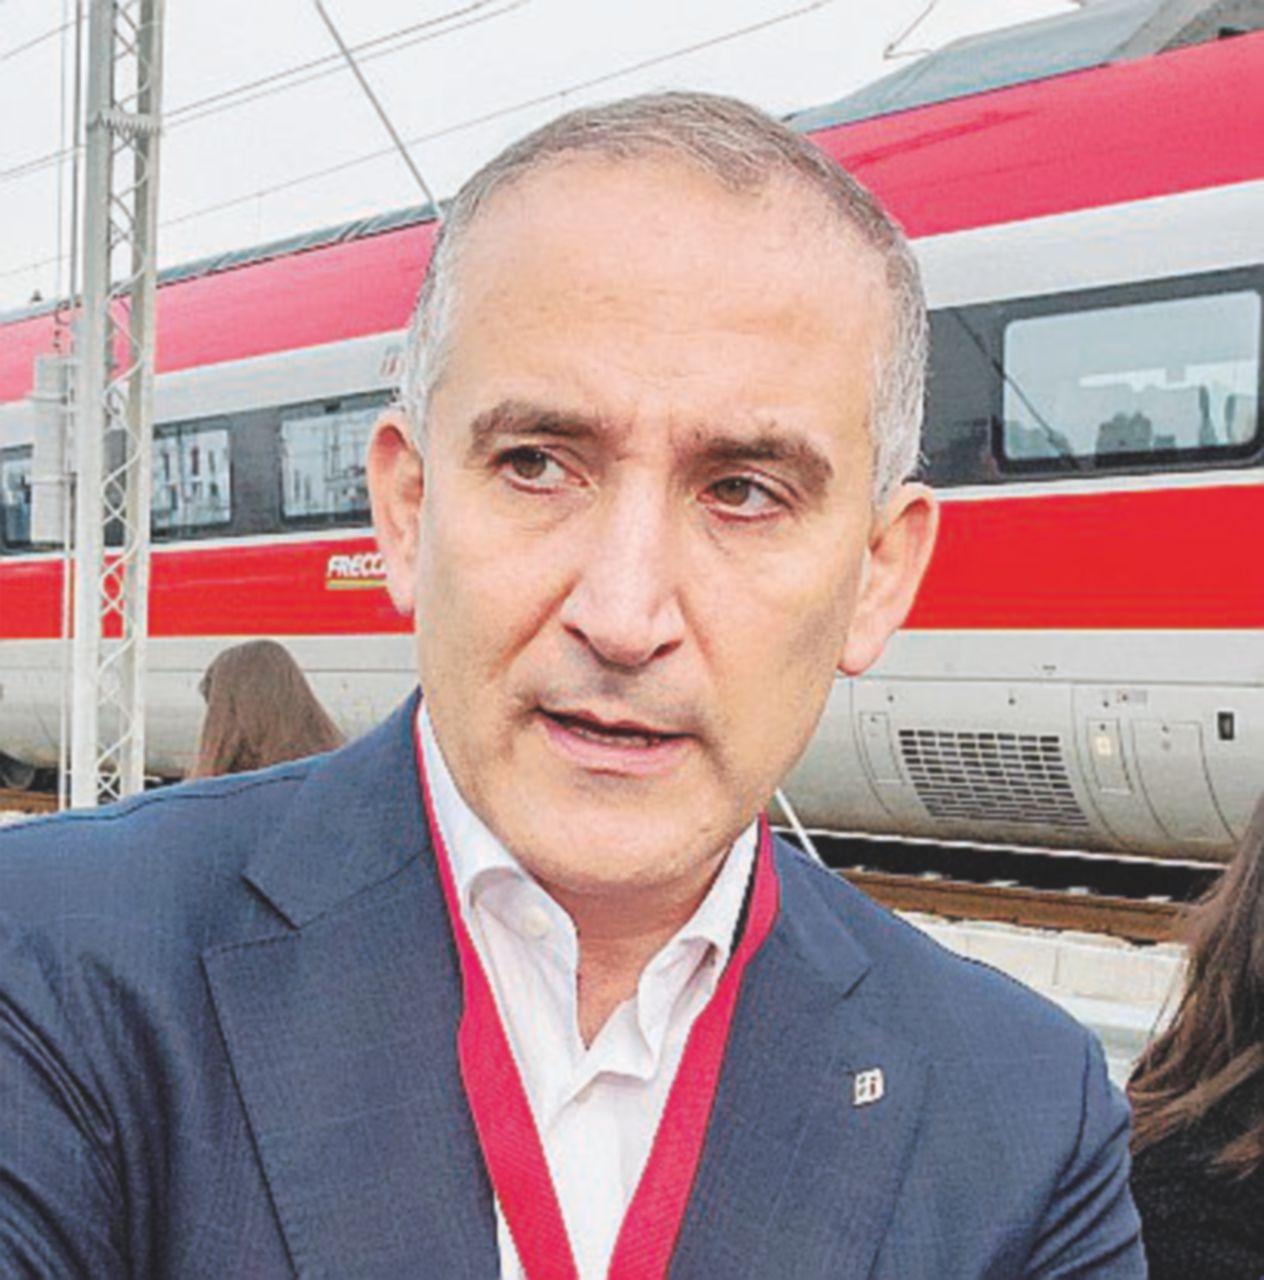 Ministri e boiardi giocano coi trenini